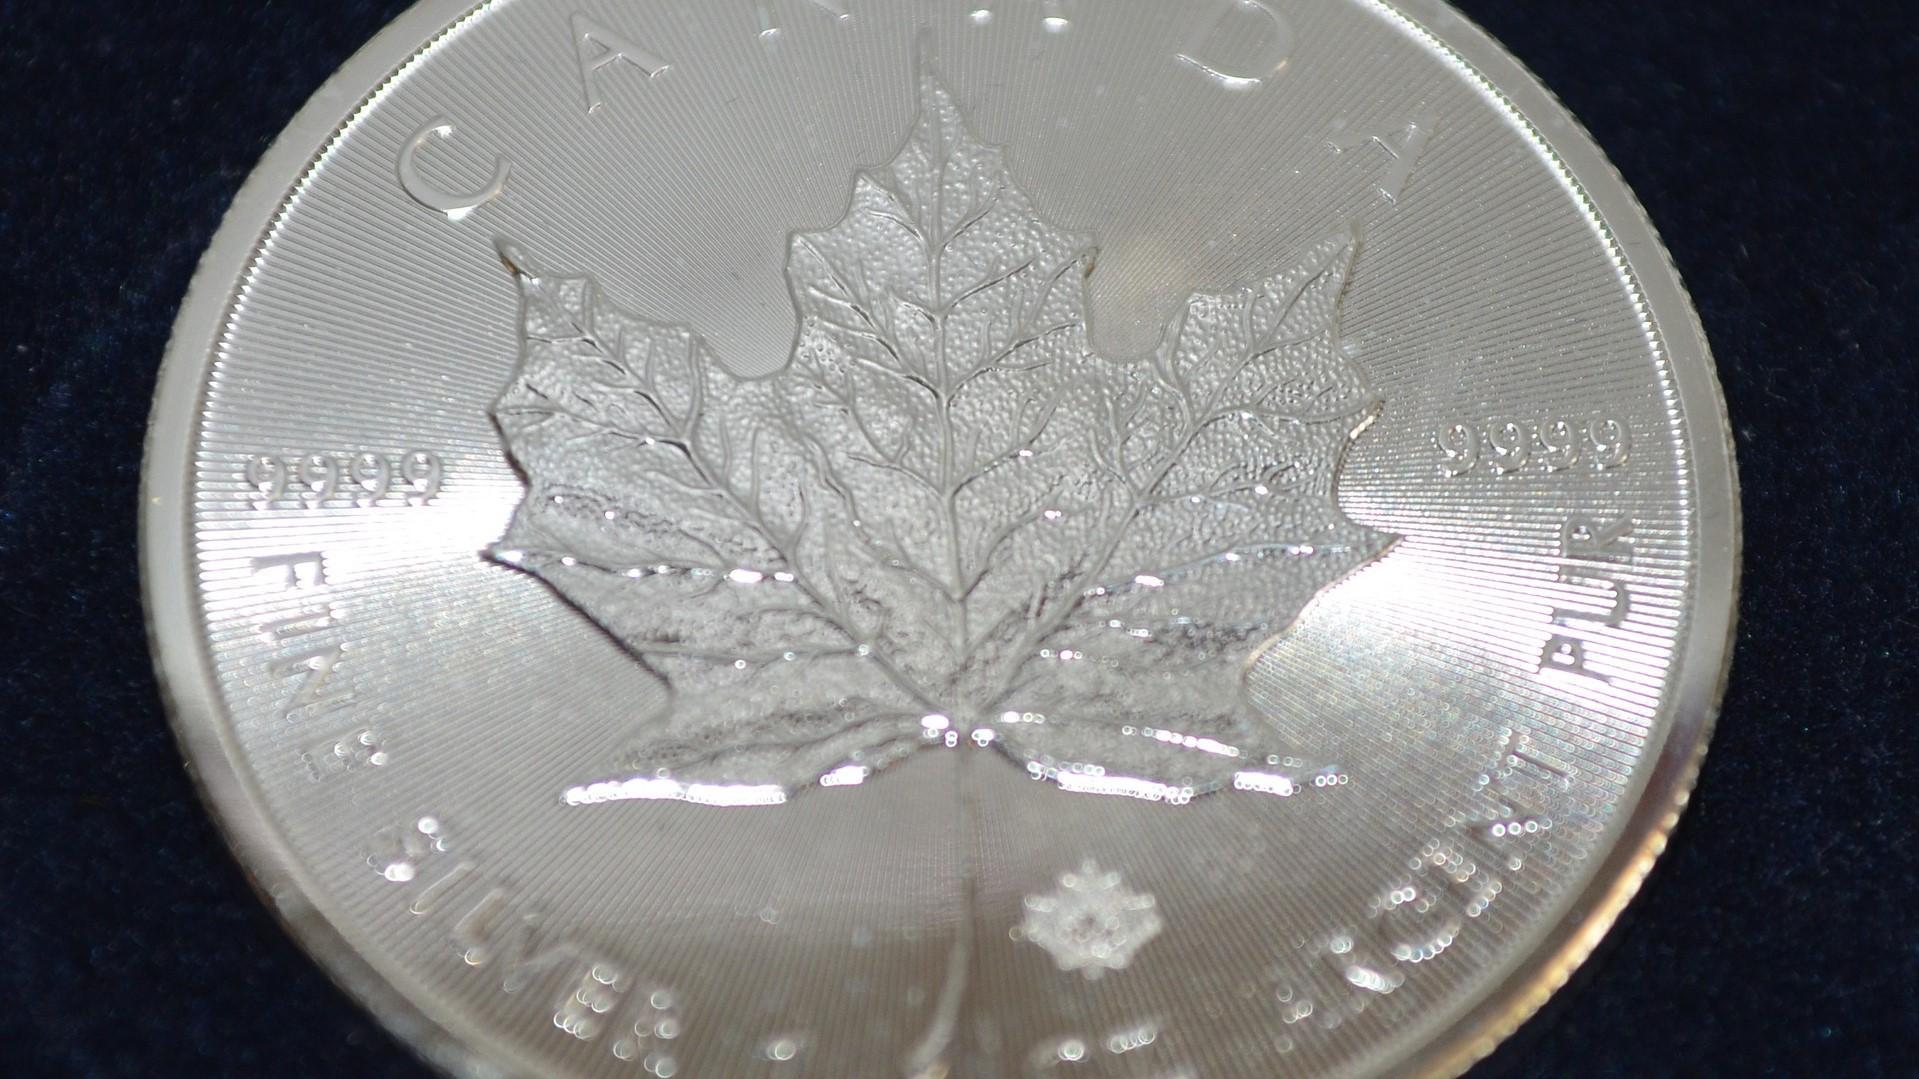 Münzen reinigen mit Zitronensäure: So geht es richtig